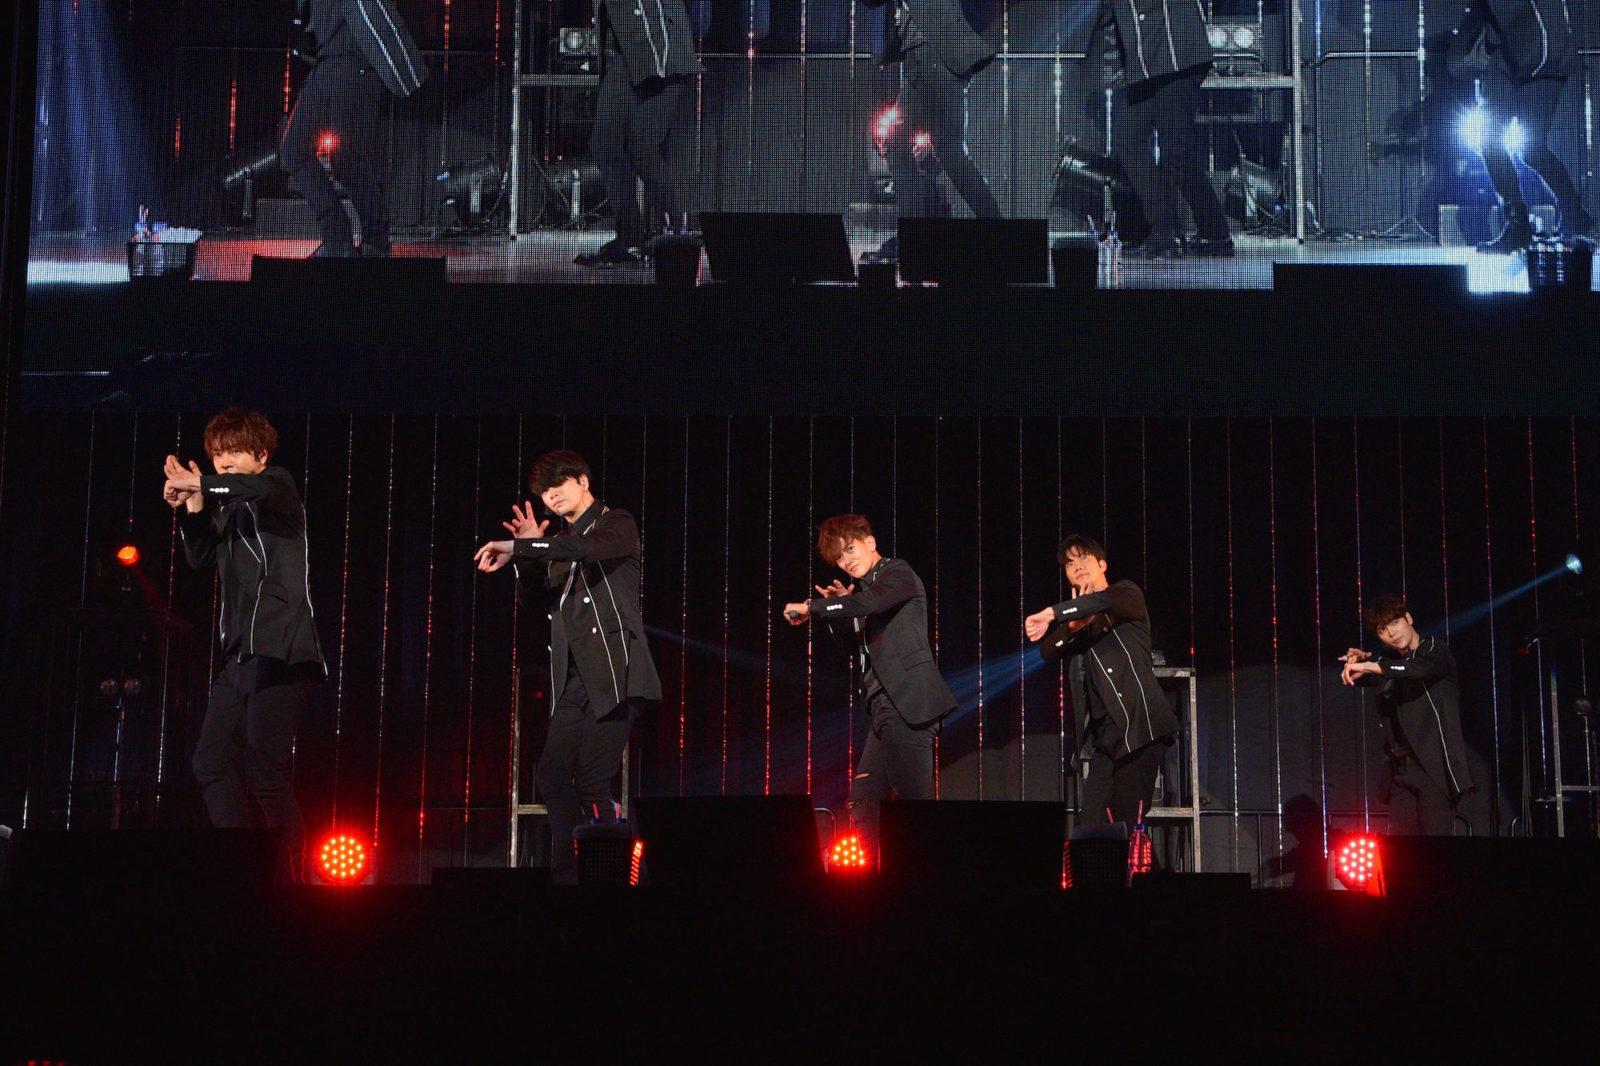 """SUPERNOVAデビュー周年イベント「★博9」で""""ホスト""""になってファンをおもてなしサムネイル画像"""